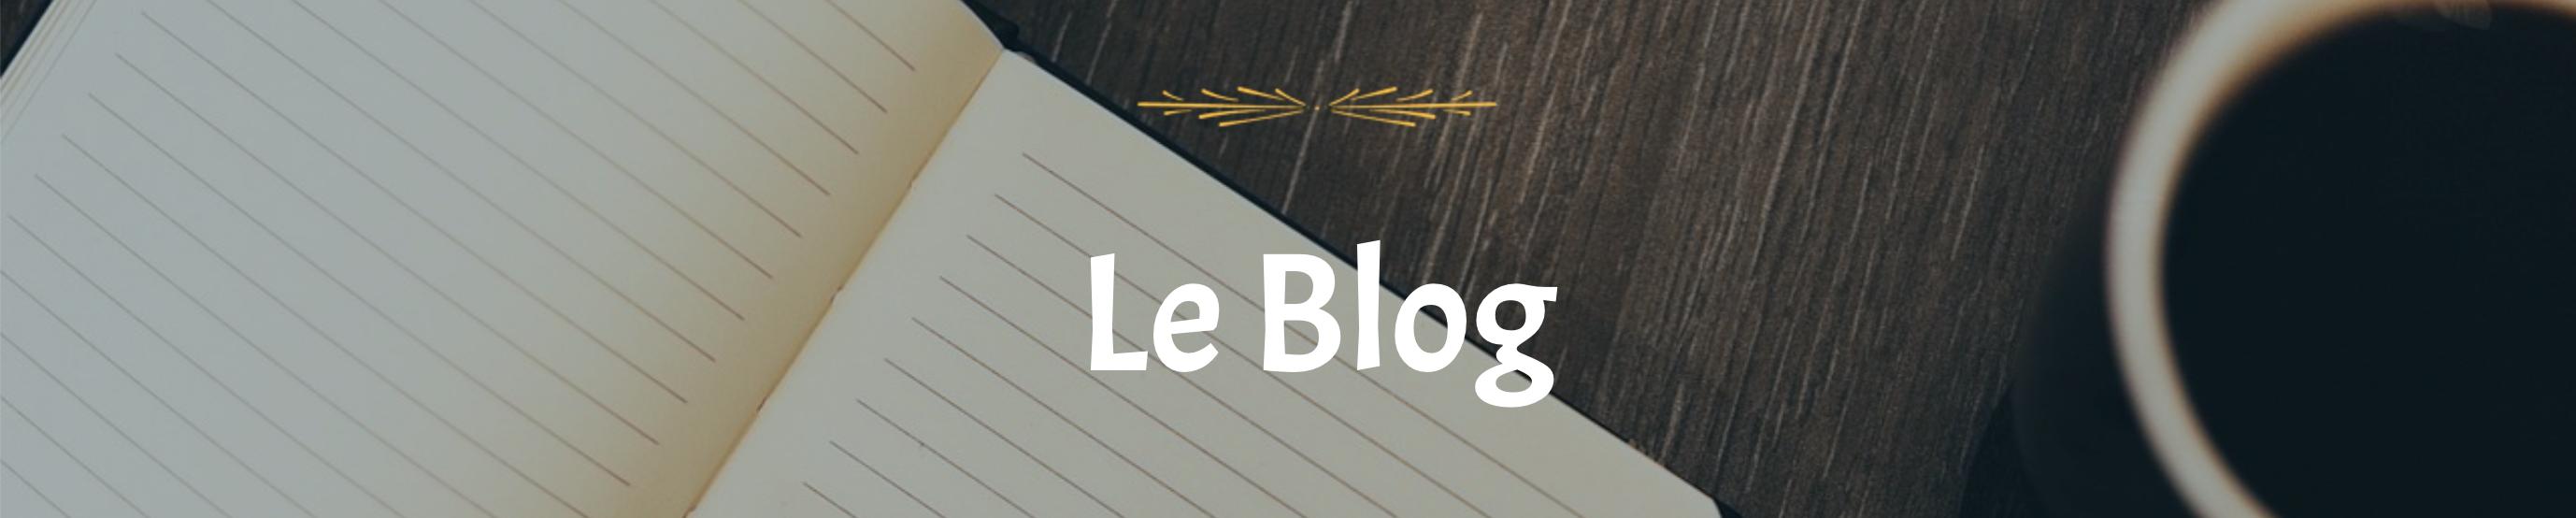 Le blog de la conciergerie white flute ideation